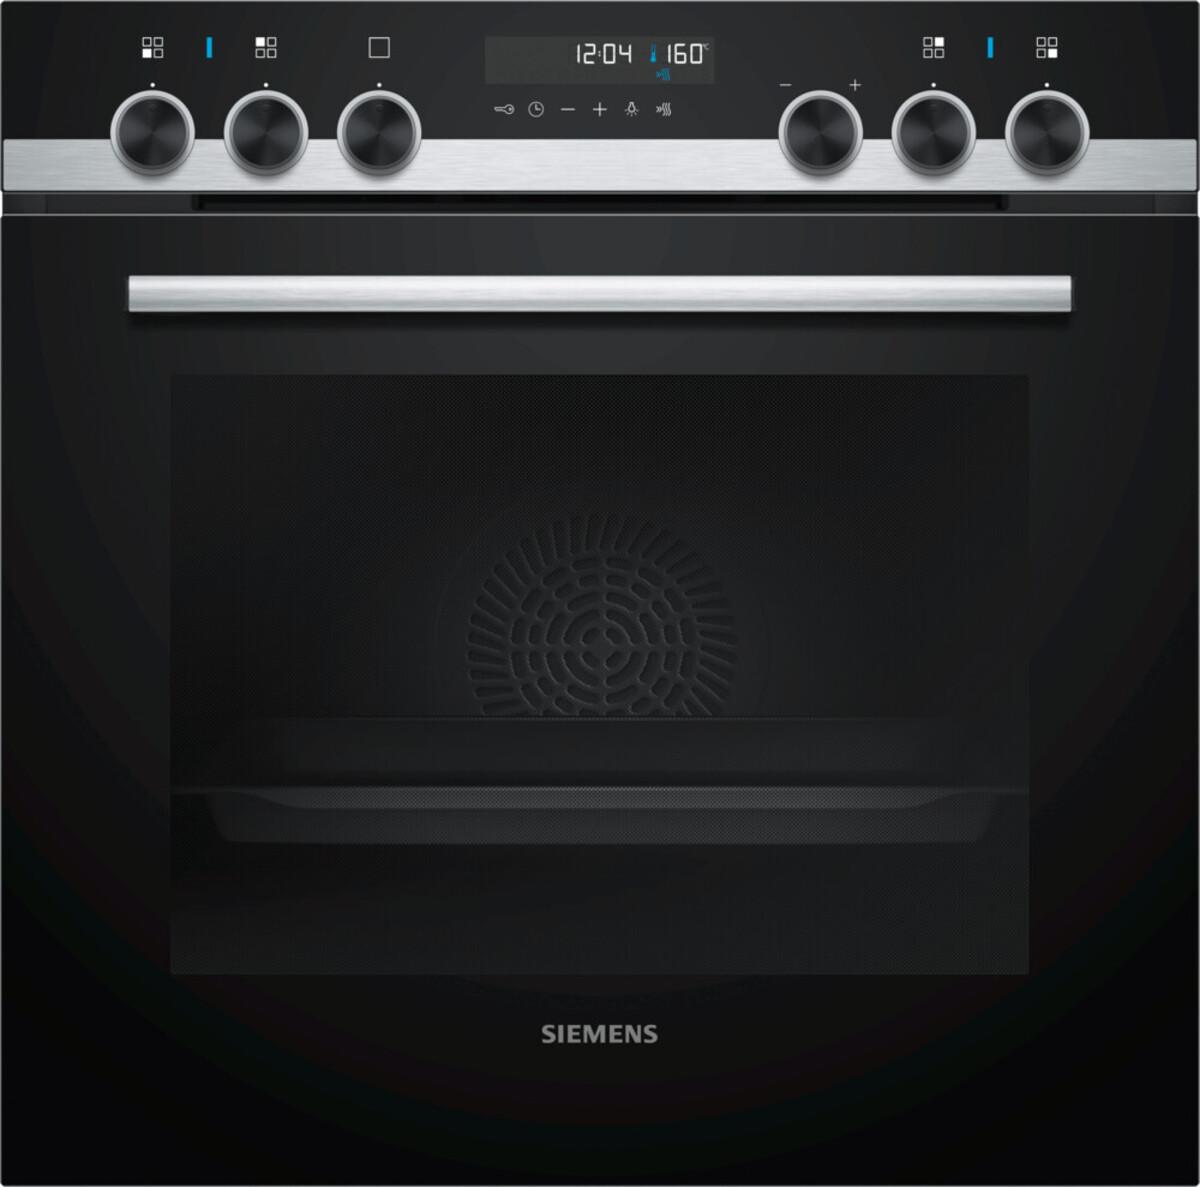 Bild 1 von SIEMENS EX83DV0 Einbauset (EEK A, cookControl 30, Pyrolyse, Selbstreinigung, Elektronikuhr, Induktion, Timer, LCD-Display)